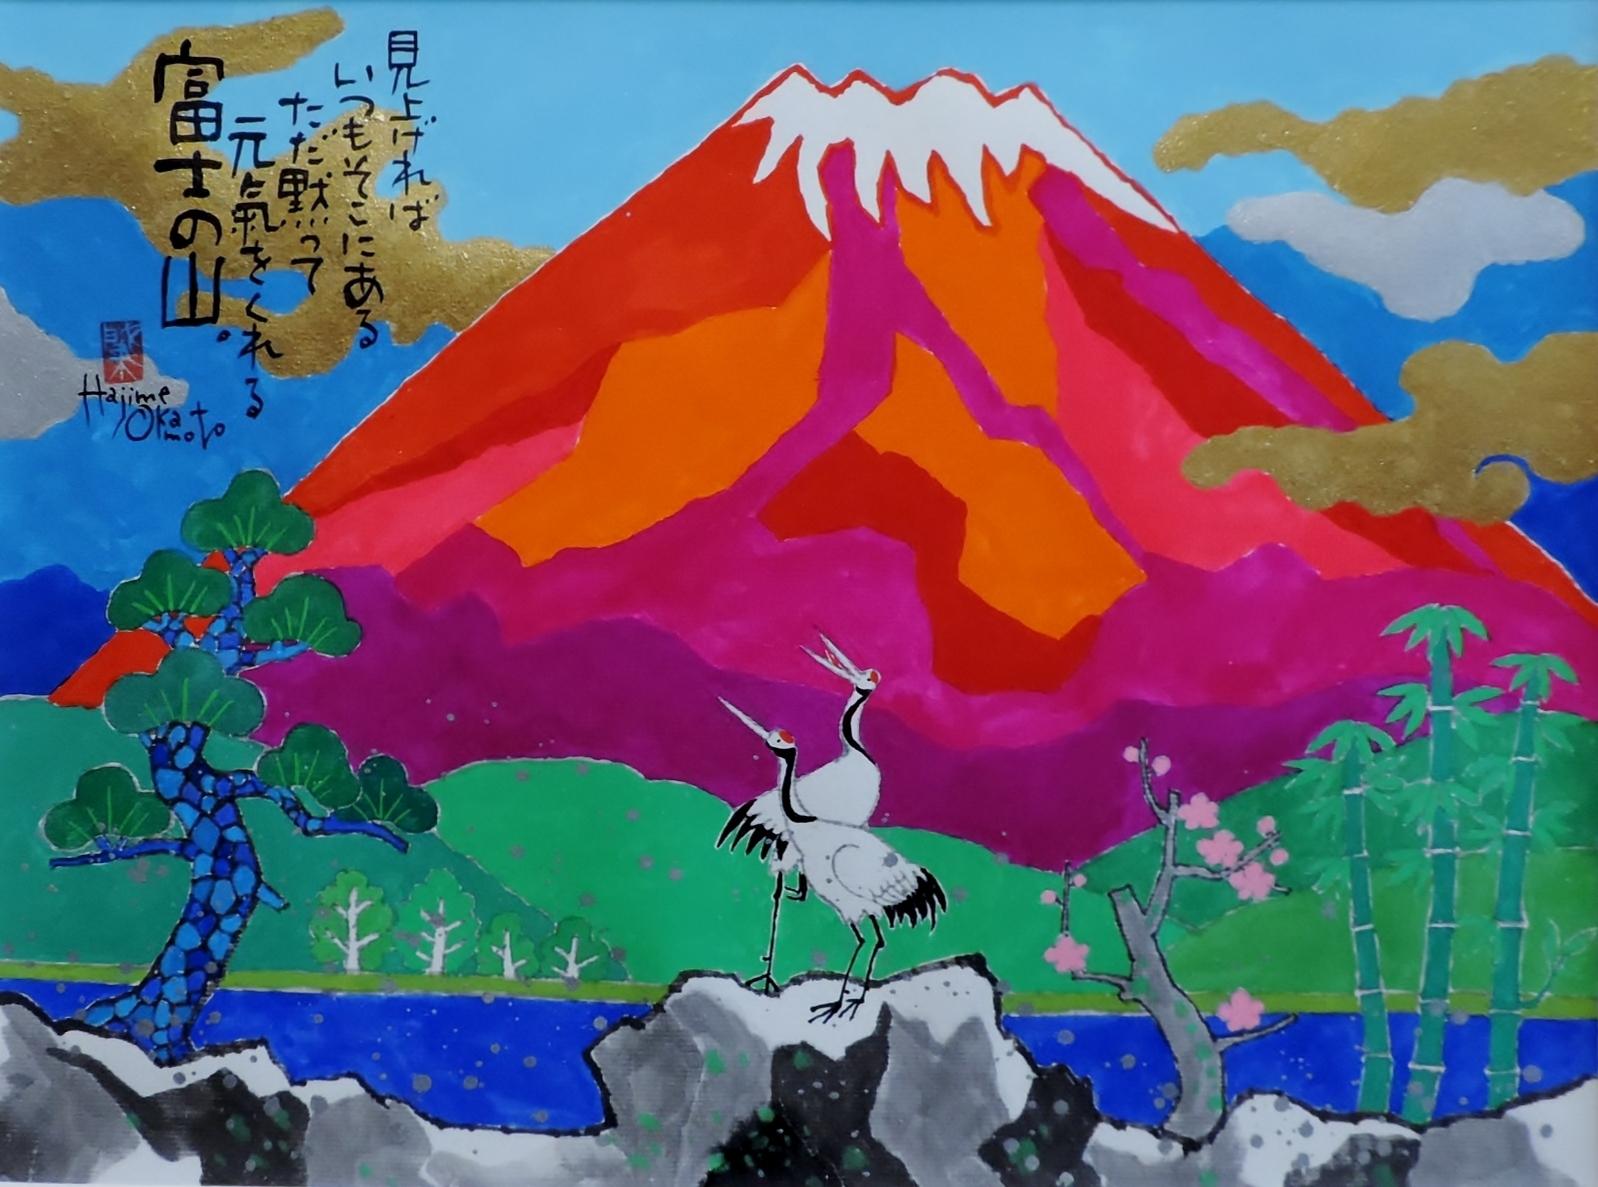 富士山-めでた富士(1)-額入り 岡本 肇 手描き作品 絵画 水墨画 作家オフィス「和味文化研究所」の直販売店[アート インテリア 壁掛け 縁起物]